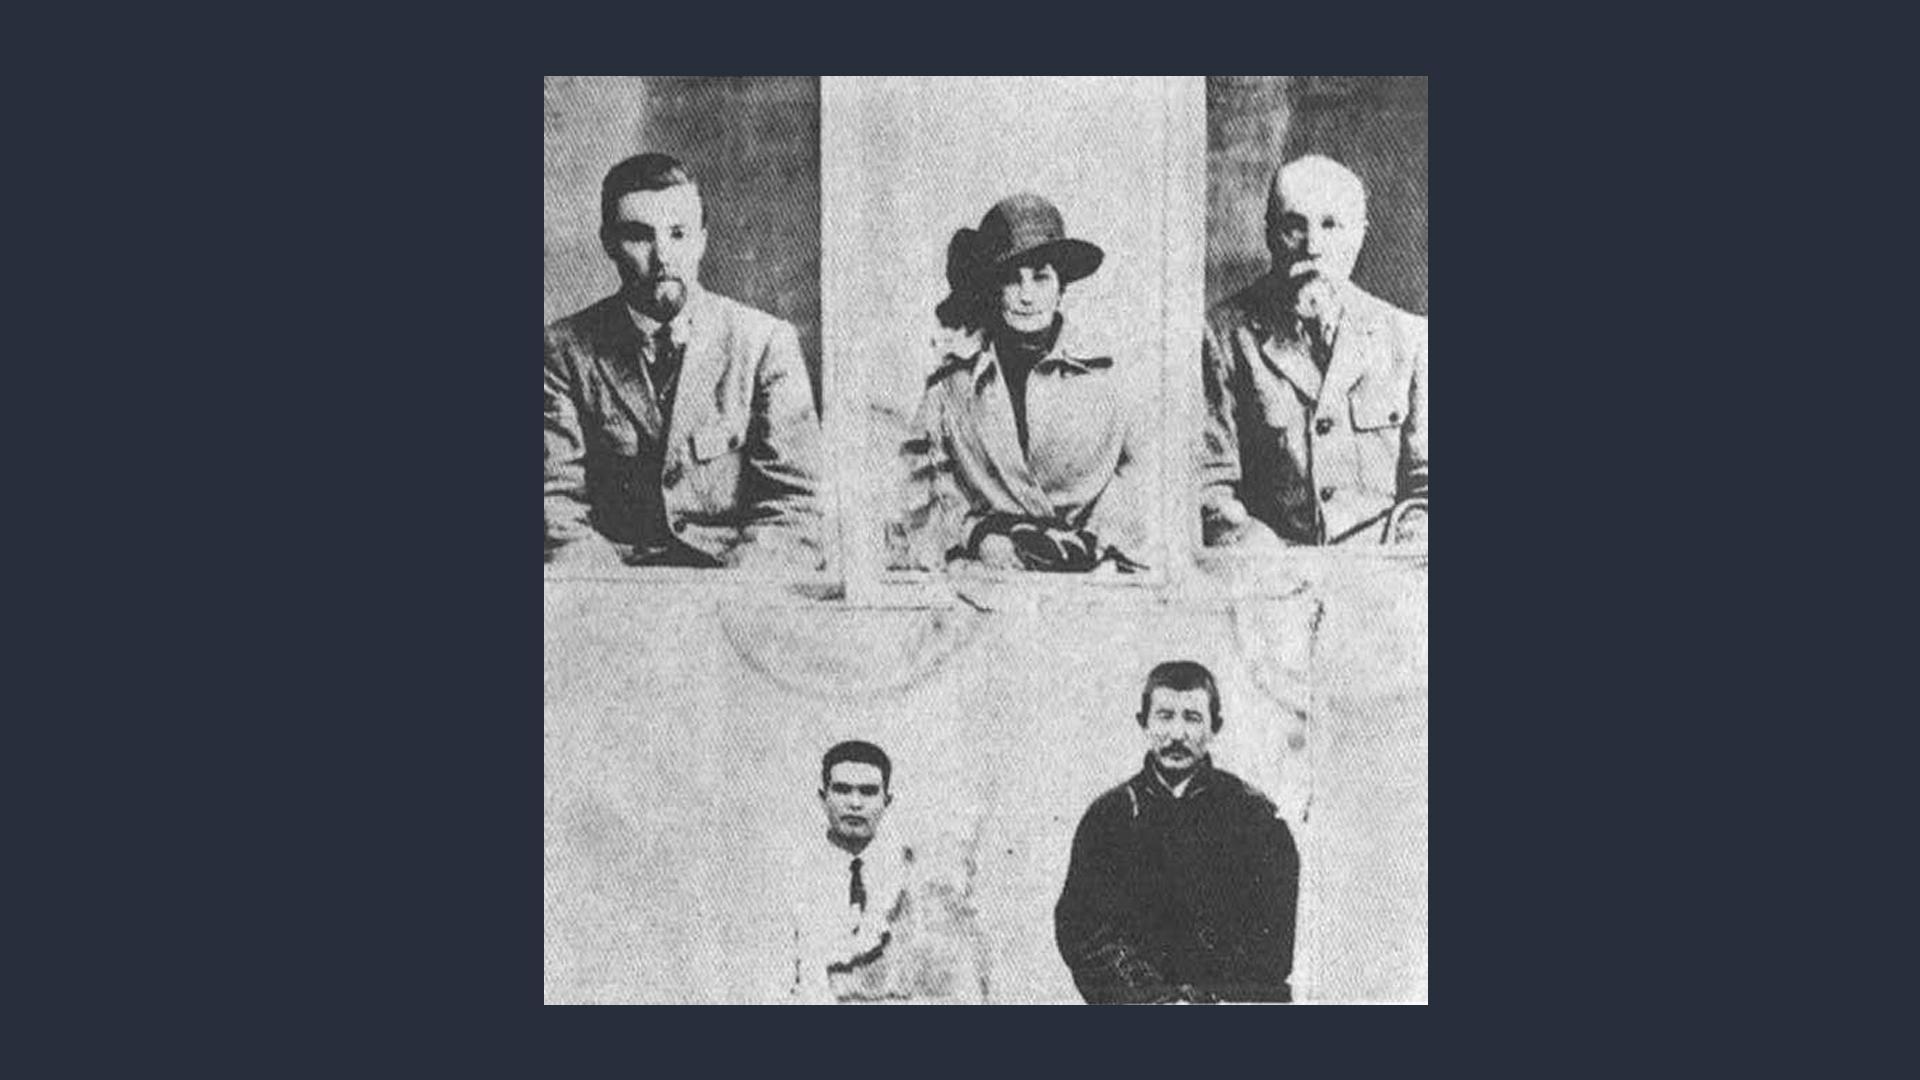 Фотография с экспедиционного паспорта до Пекина, выданного китайским губернатором в Урумчи в 1926 году во время Центрально-Азиатской экспедиции Н.К.Рериха. Фото © Wikipedia